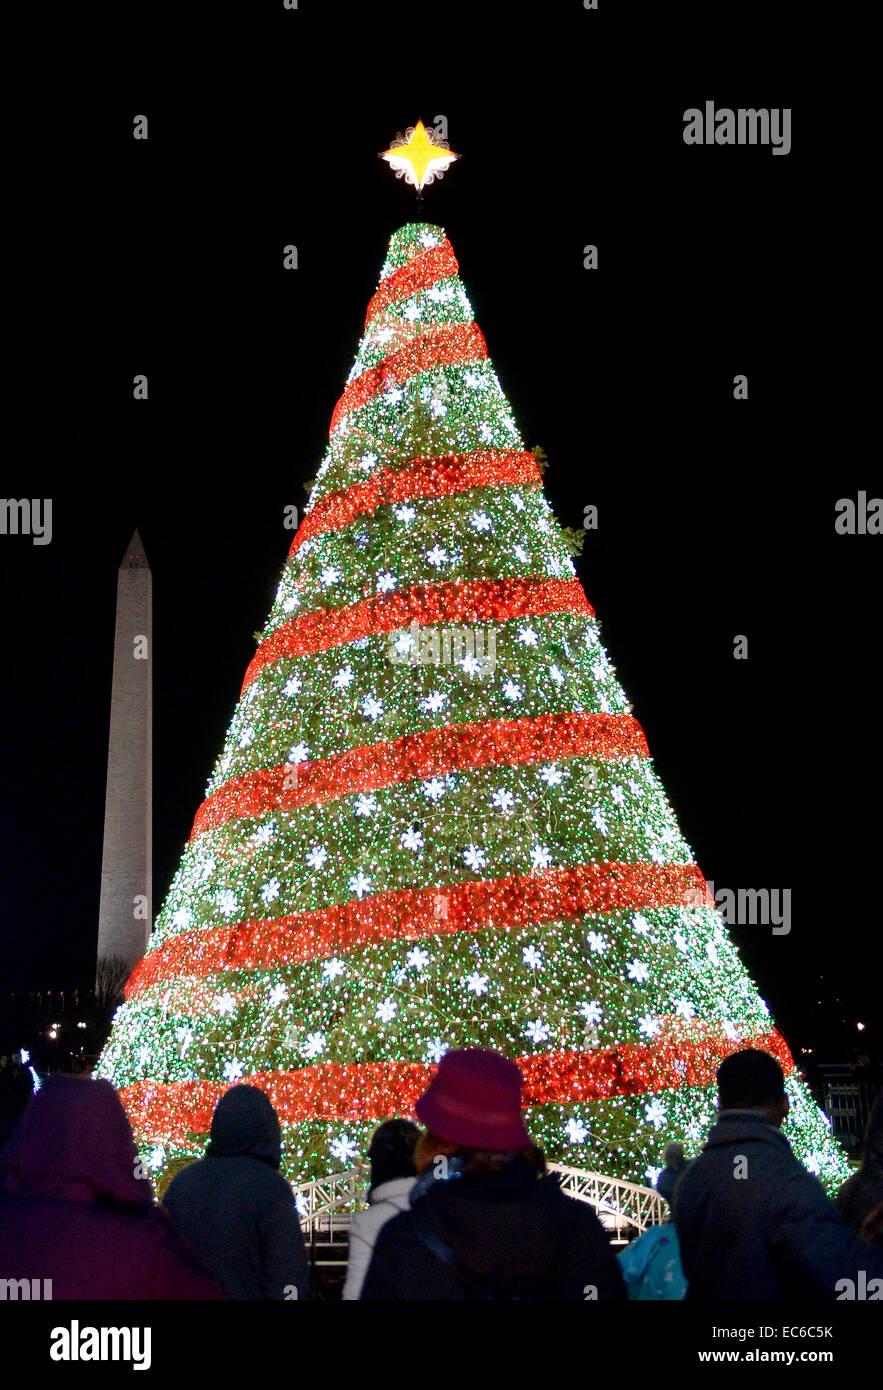 Beste Weihnachtsbaum Leuchtet Weißen Draht Zeitgenössisch - Die ...